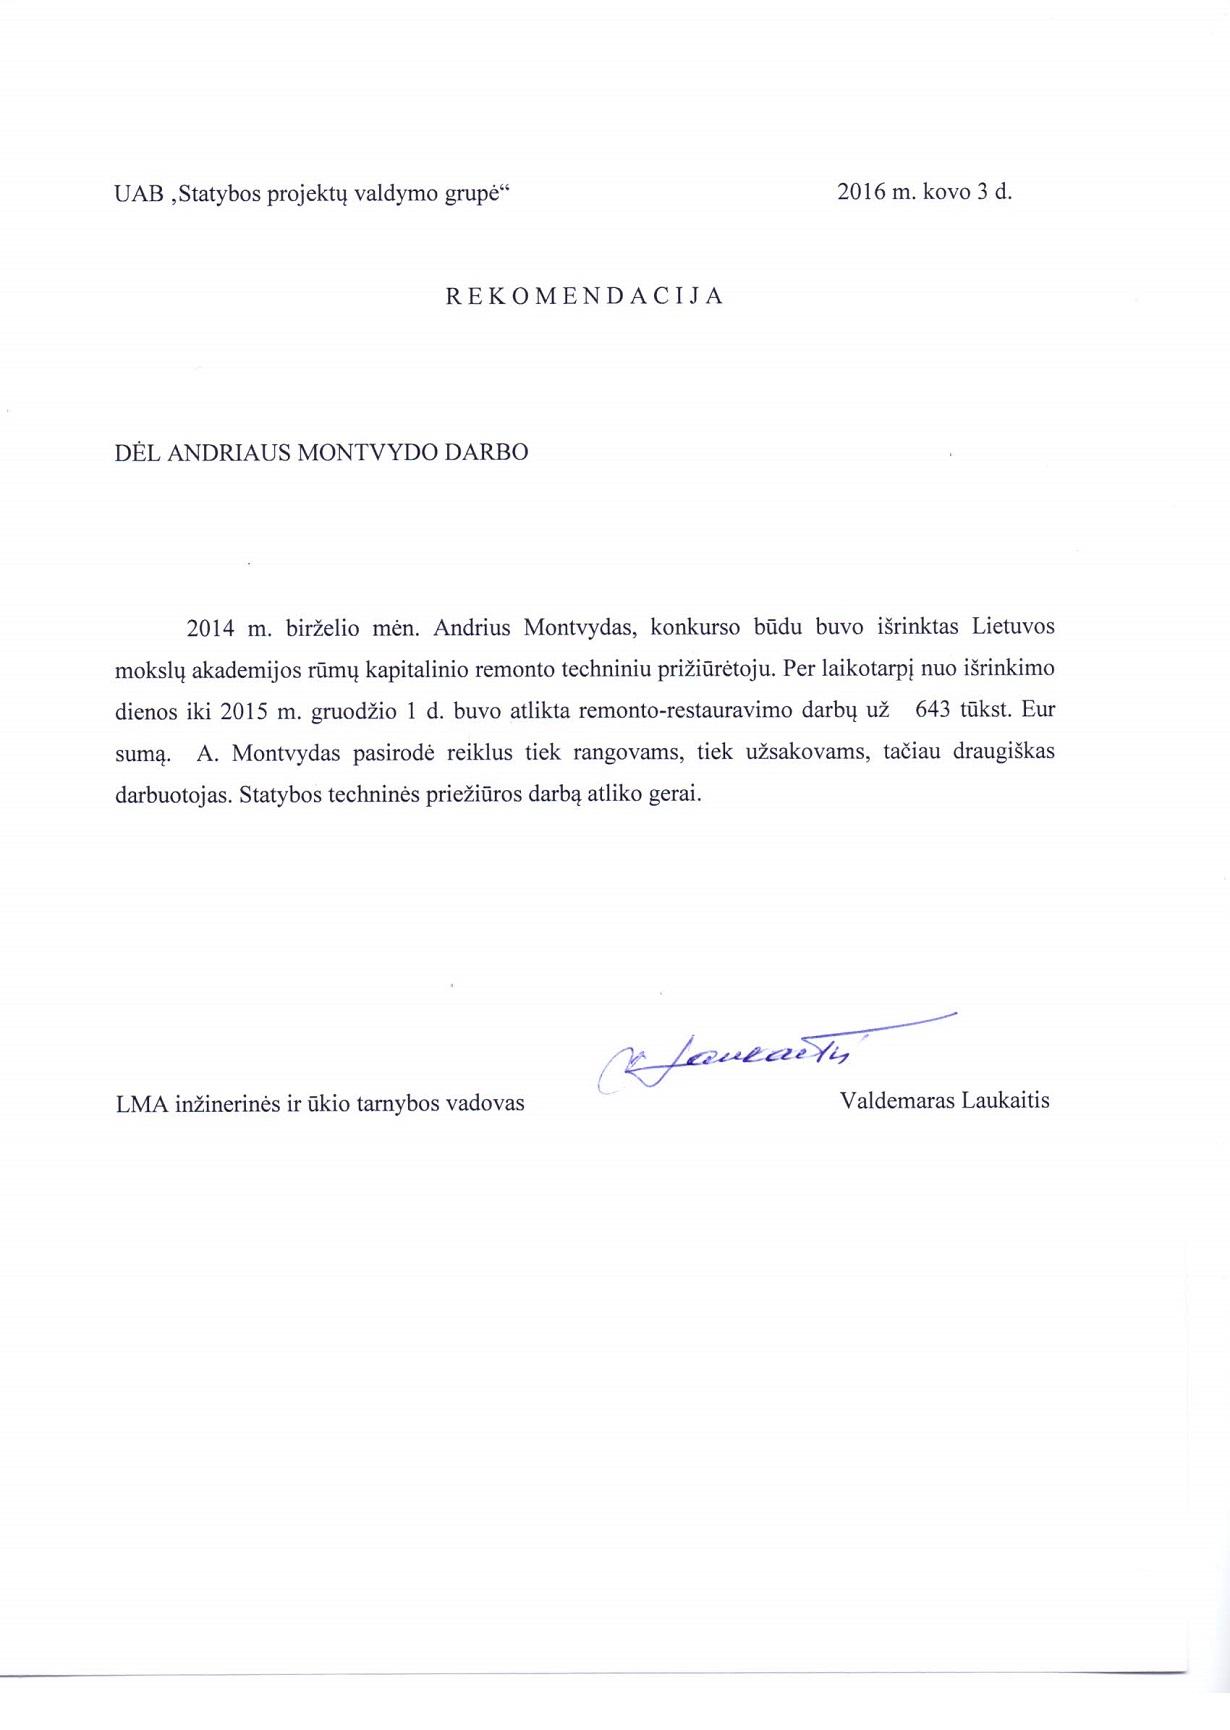 Lietuvos Mokslų Akademija. Rekomendacija 2016-03-03